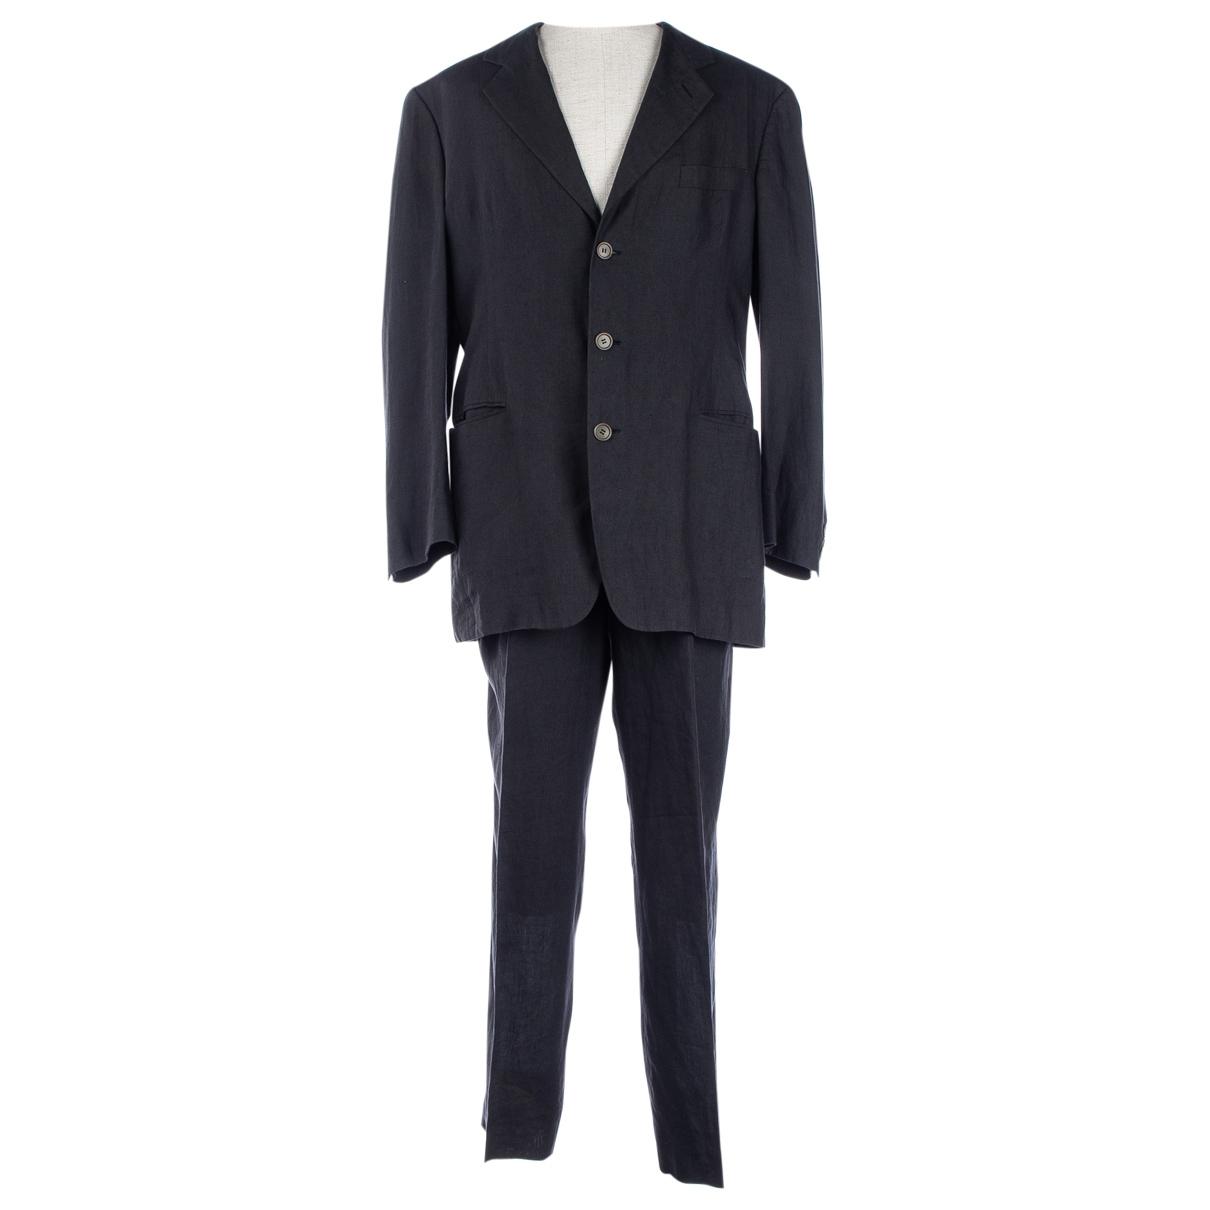 Emporio Armani - Costumes   pour homme en lin - gris